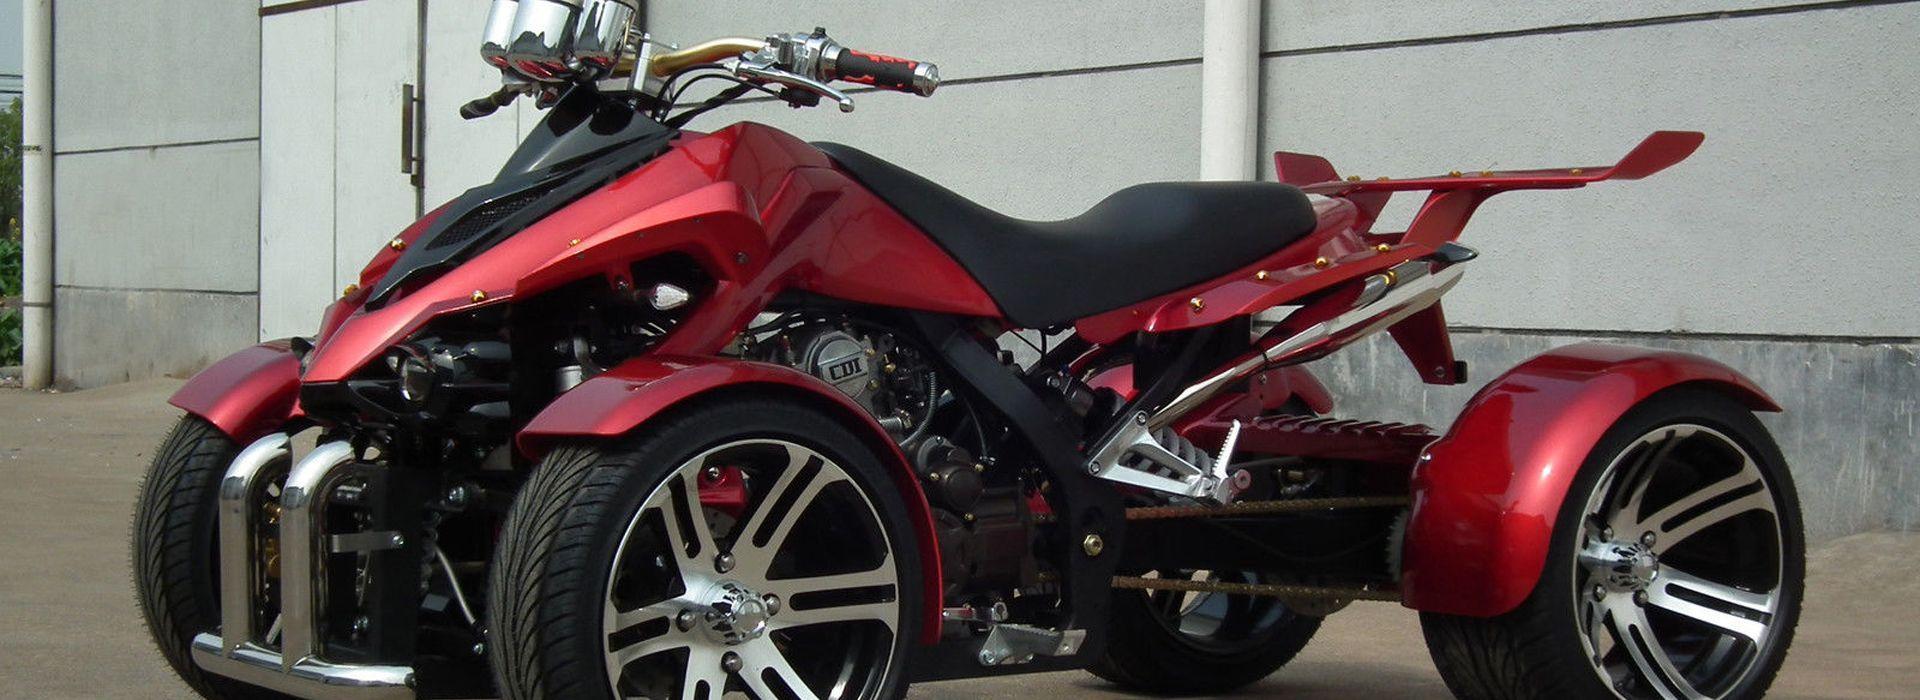 SPY 350 F1 SPYDER